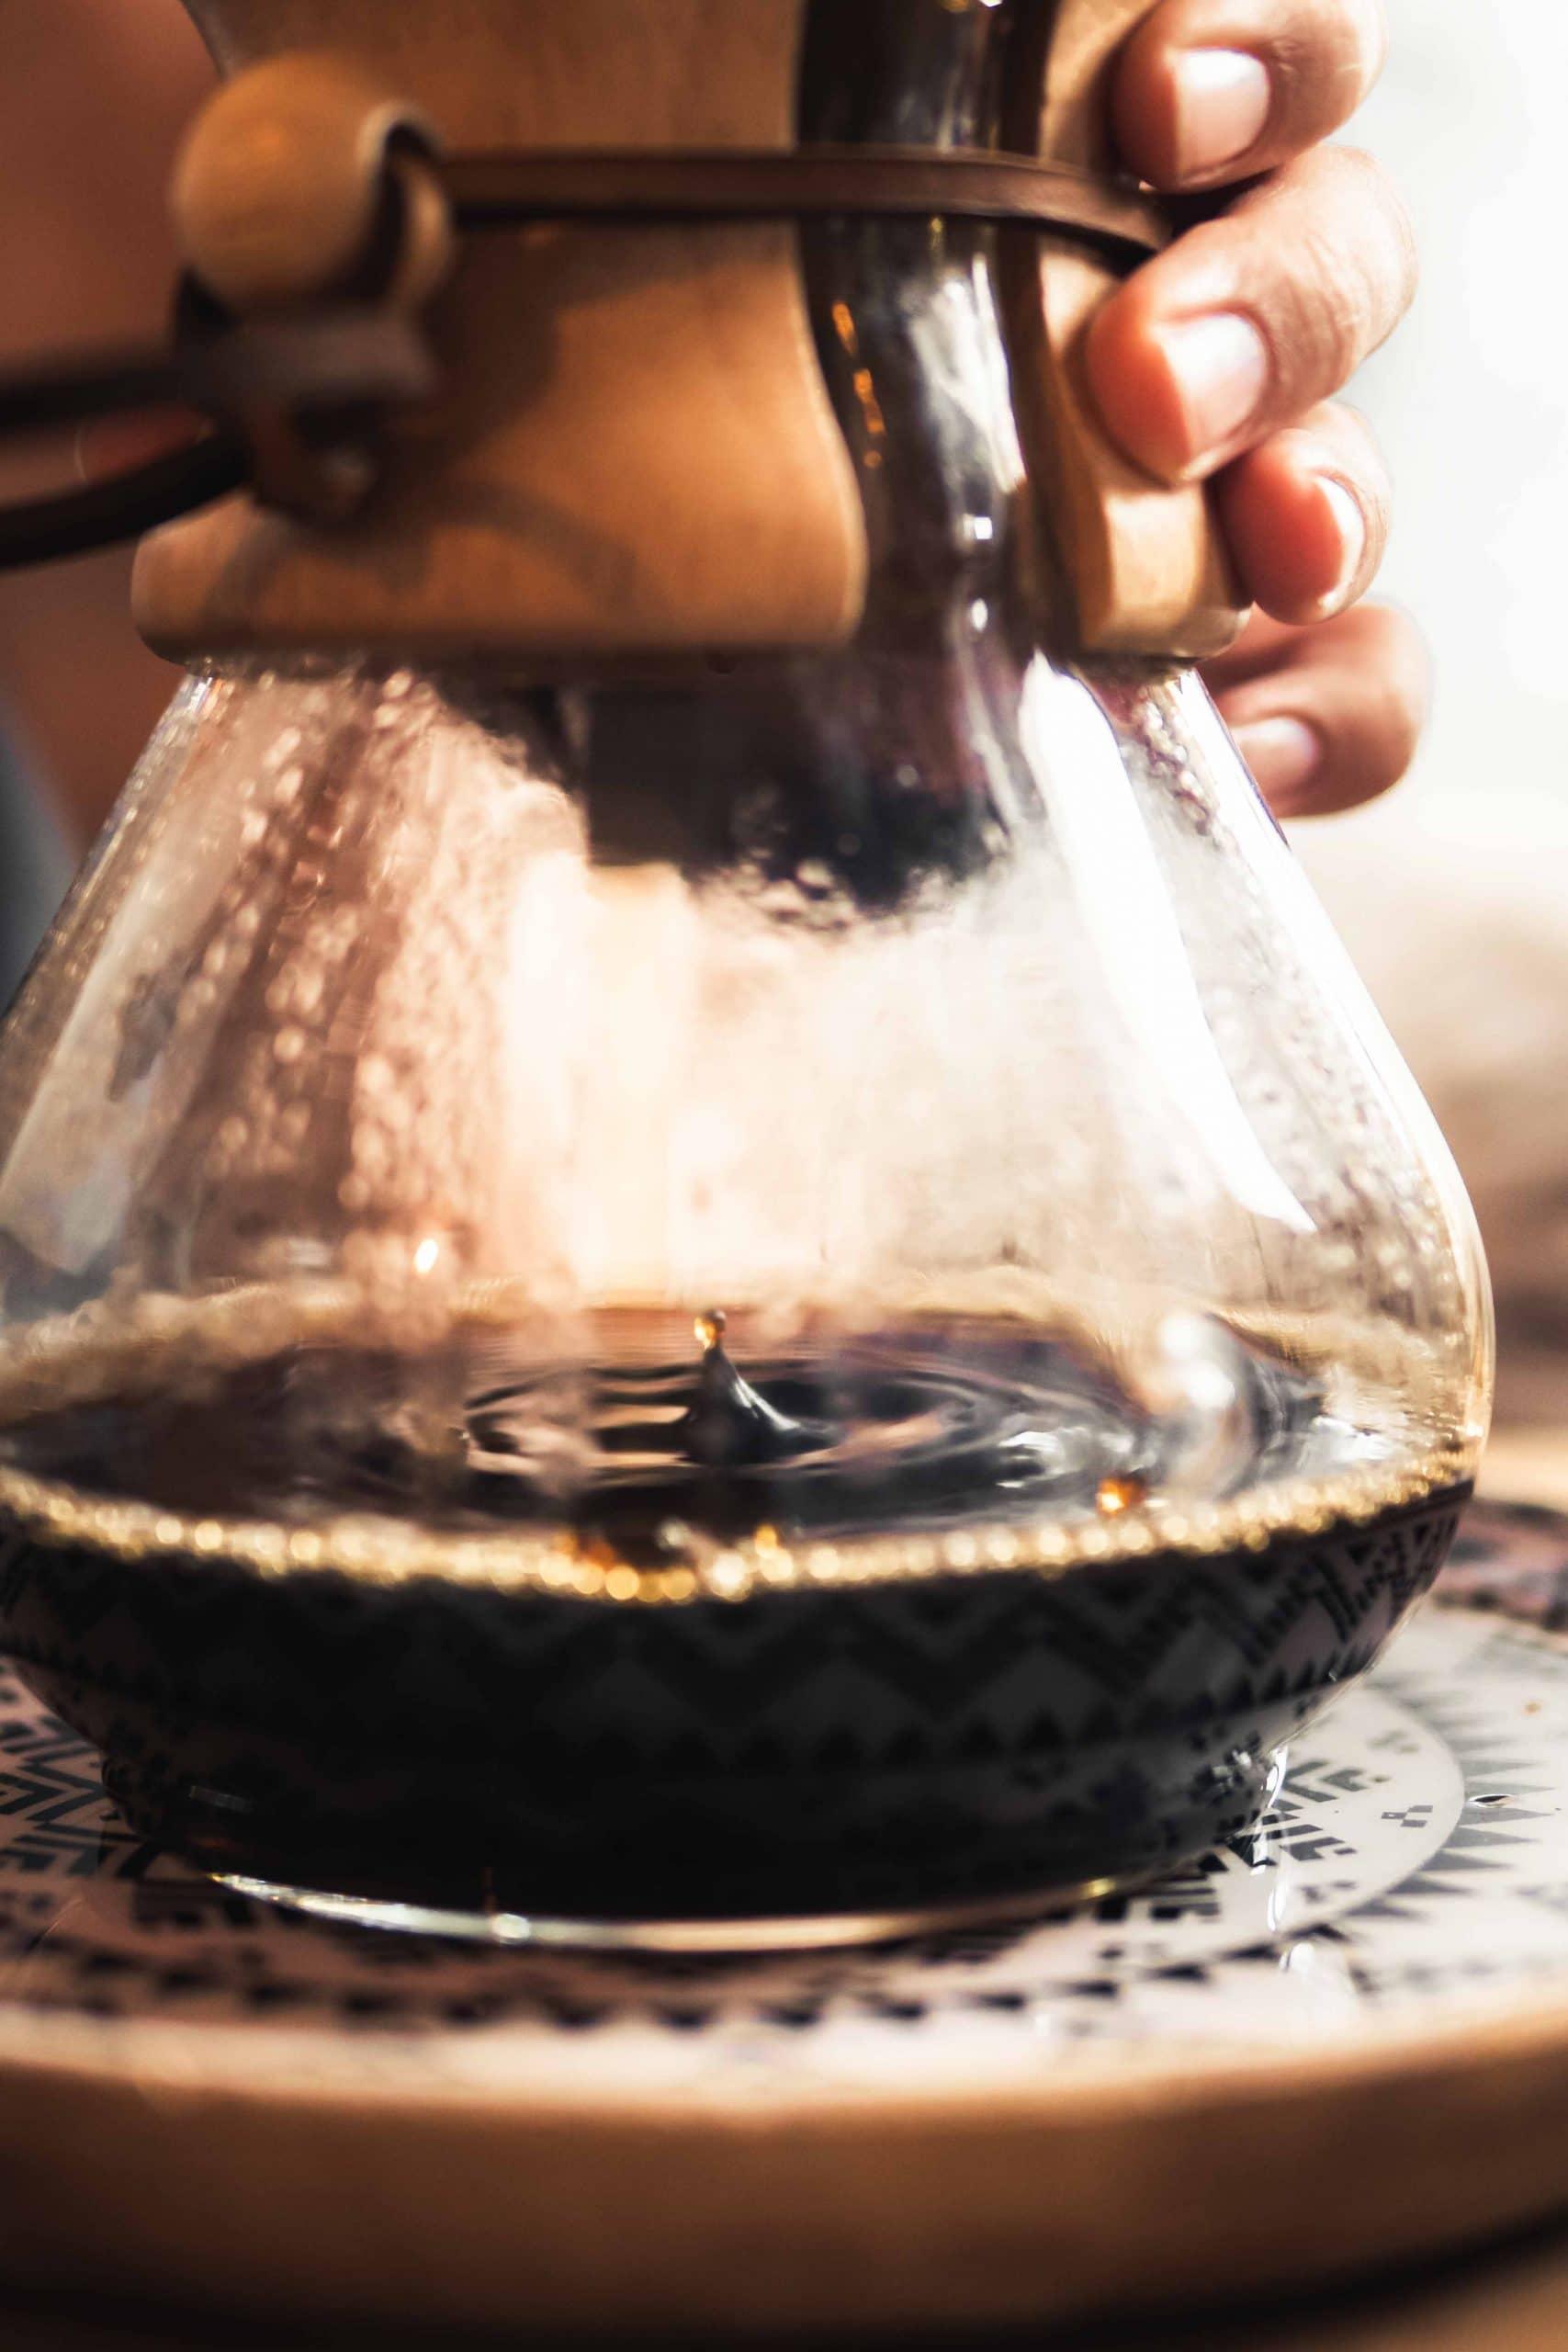 barista royal kaffee 61 von 130 scaled